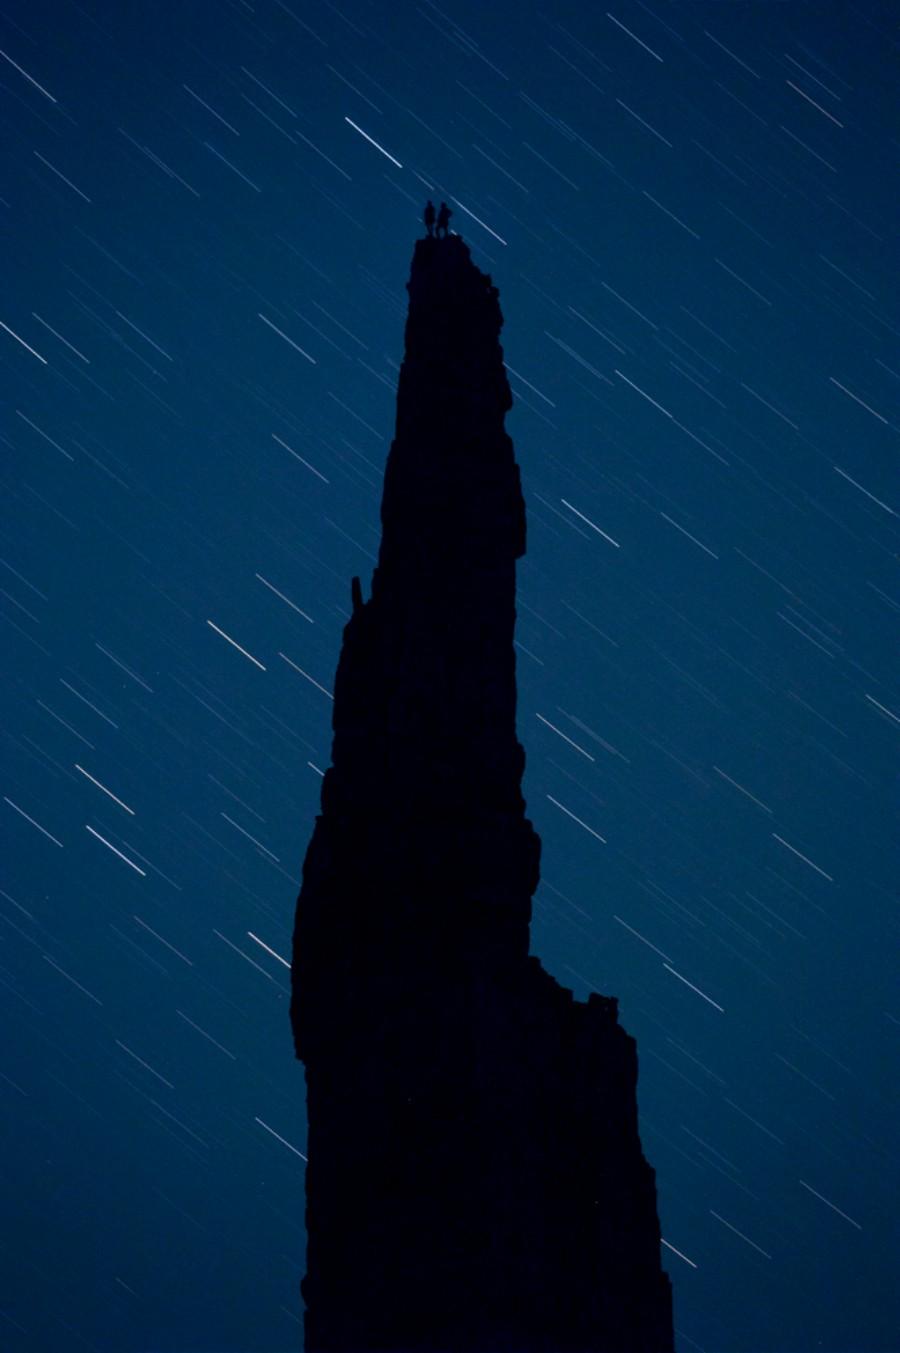 Лучшие астрономические фото года Лучшие астрономические фото года PS38832 Starlight 20Sentinel 20 C2 A9 20Paul 20Zizka